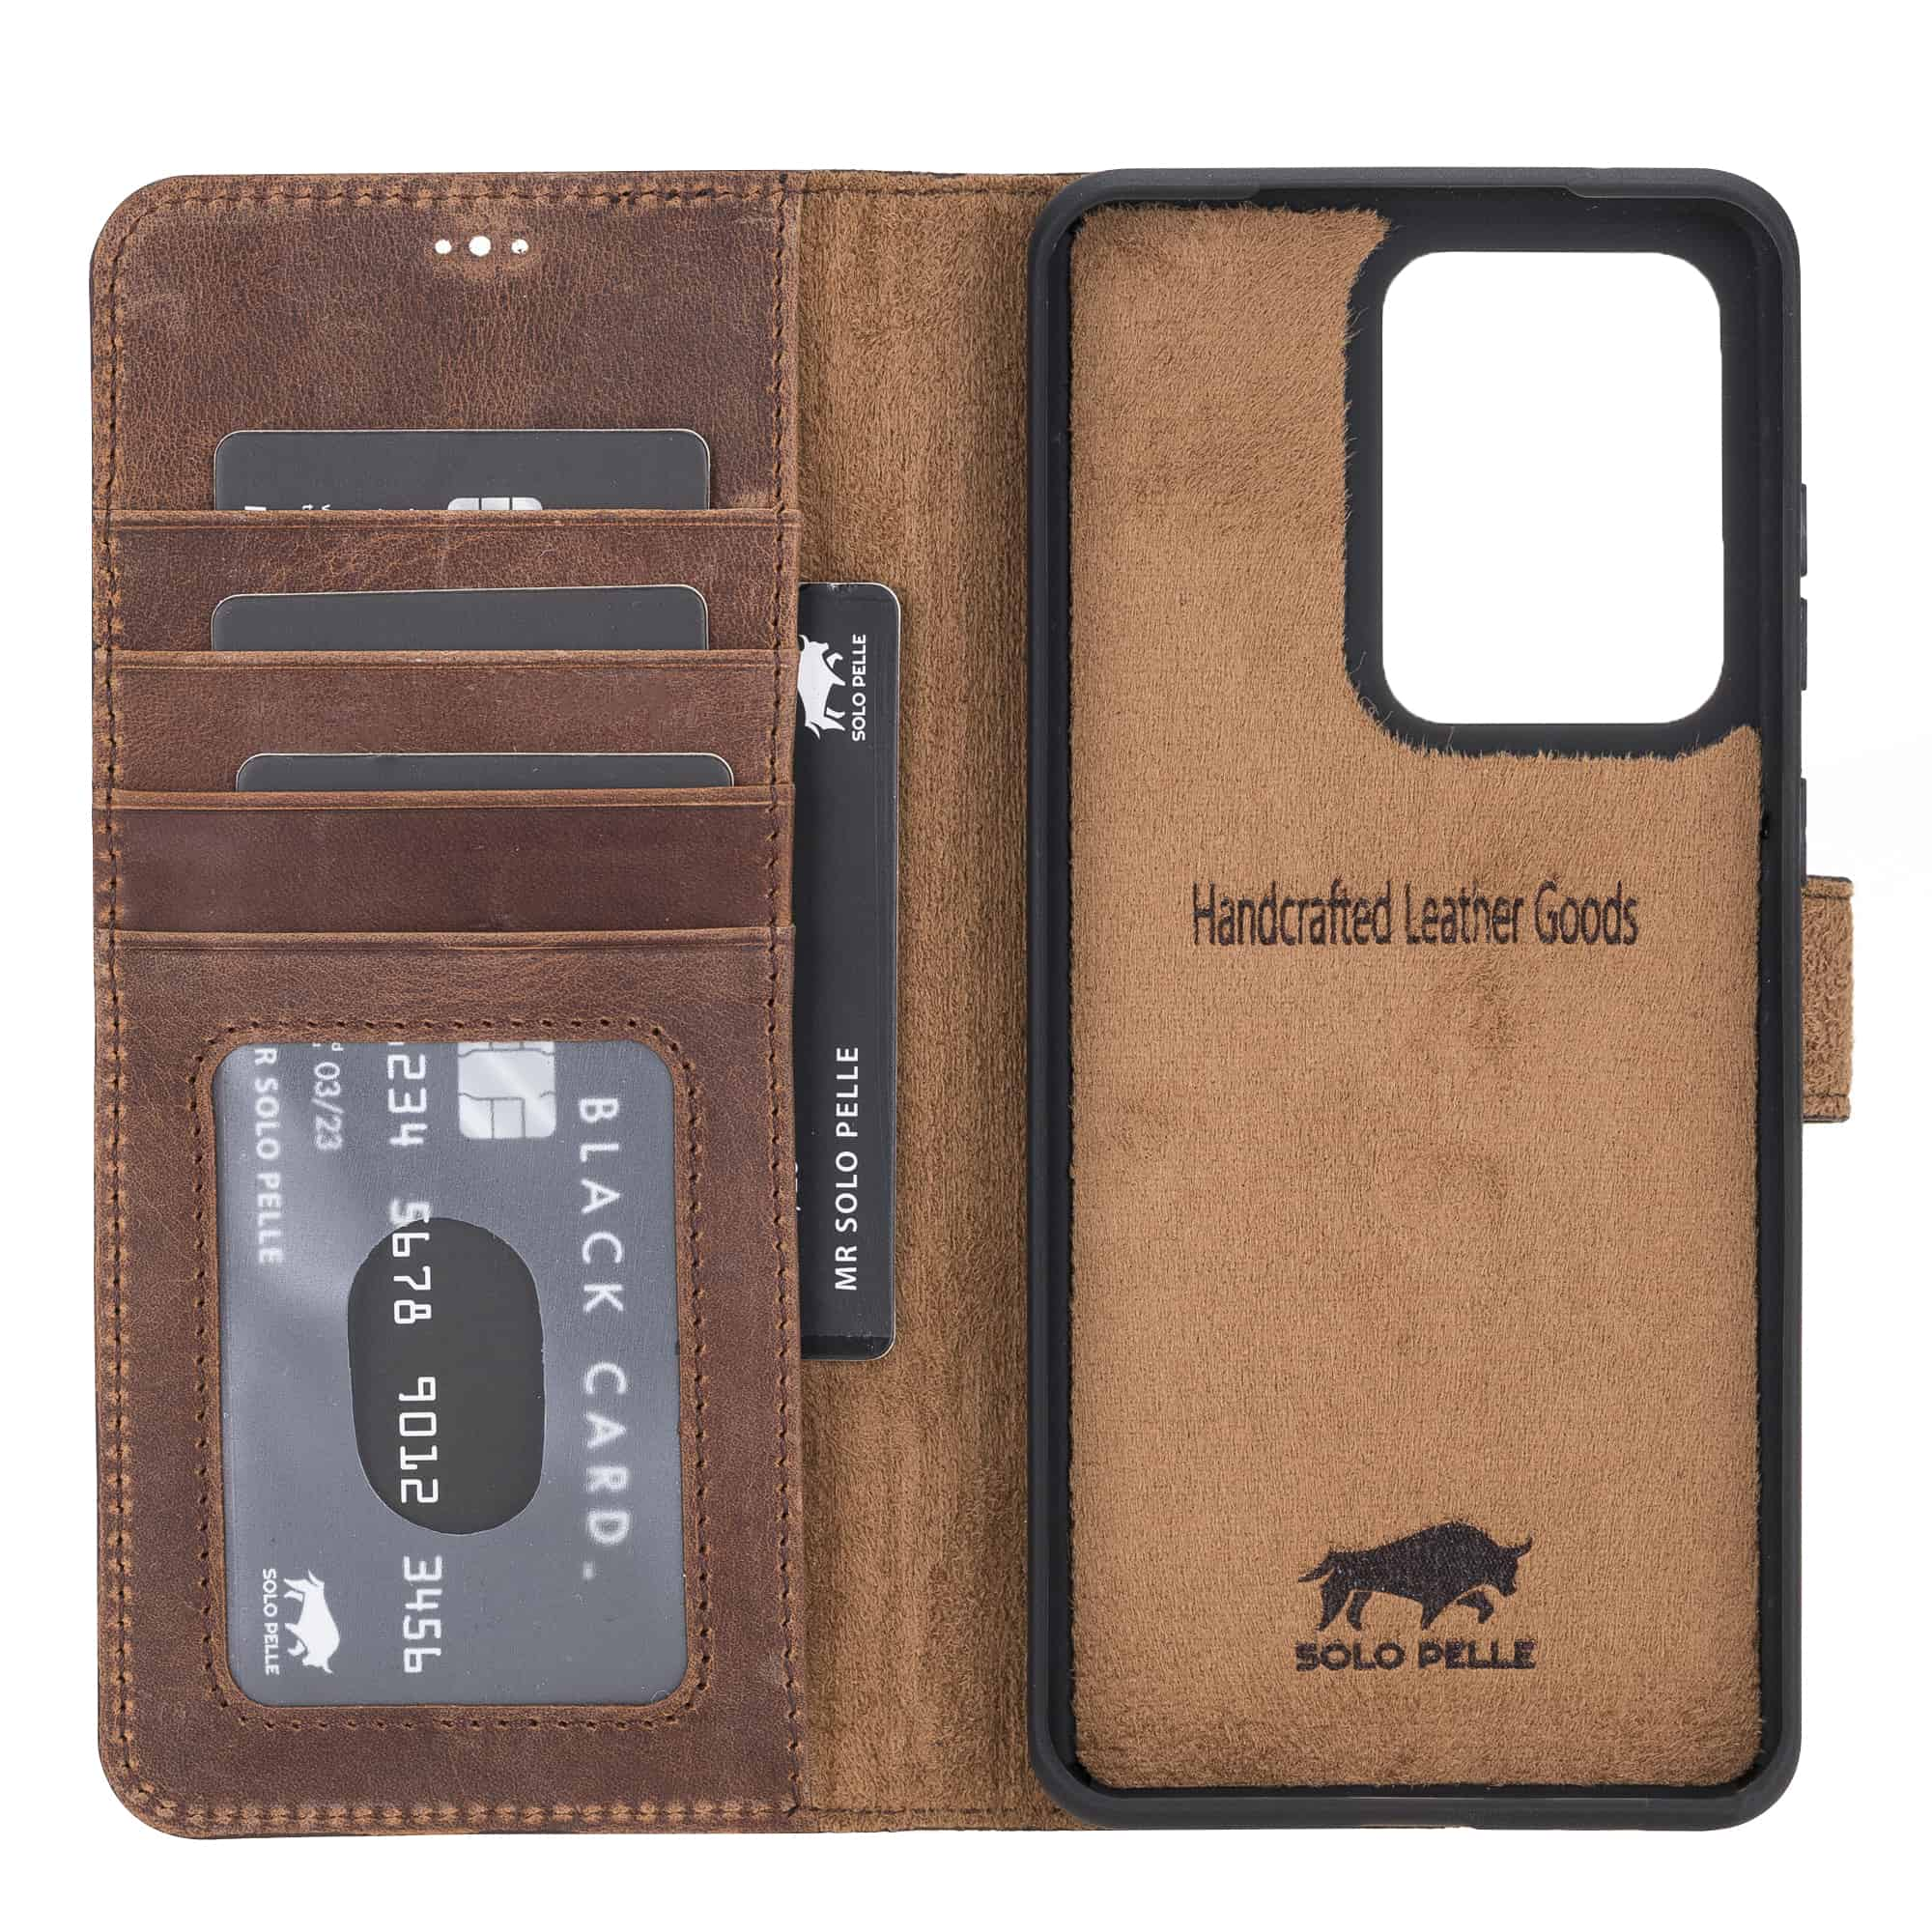 Solo Pelle Lederhülle Harvard kompatibel für das Samsung Galaxy Note 20 Ultra inklusive abnehmbare Hülle mit integrierten Kartenfächer (Vintage Braun)